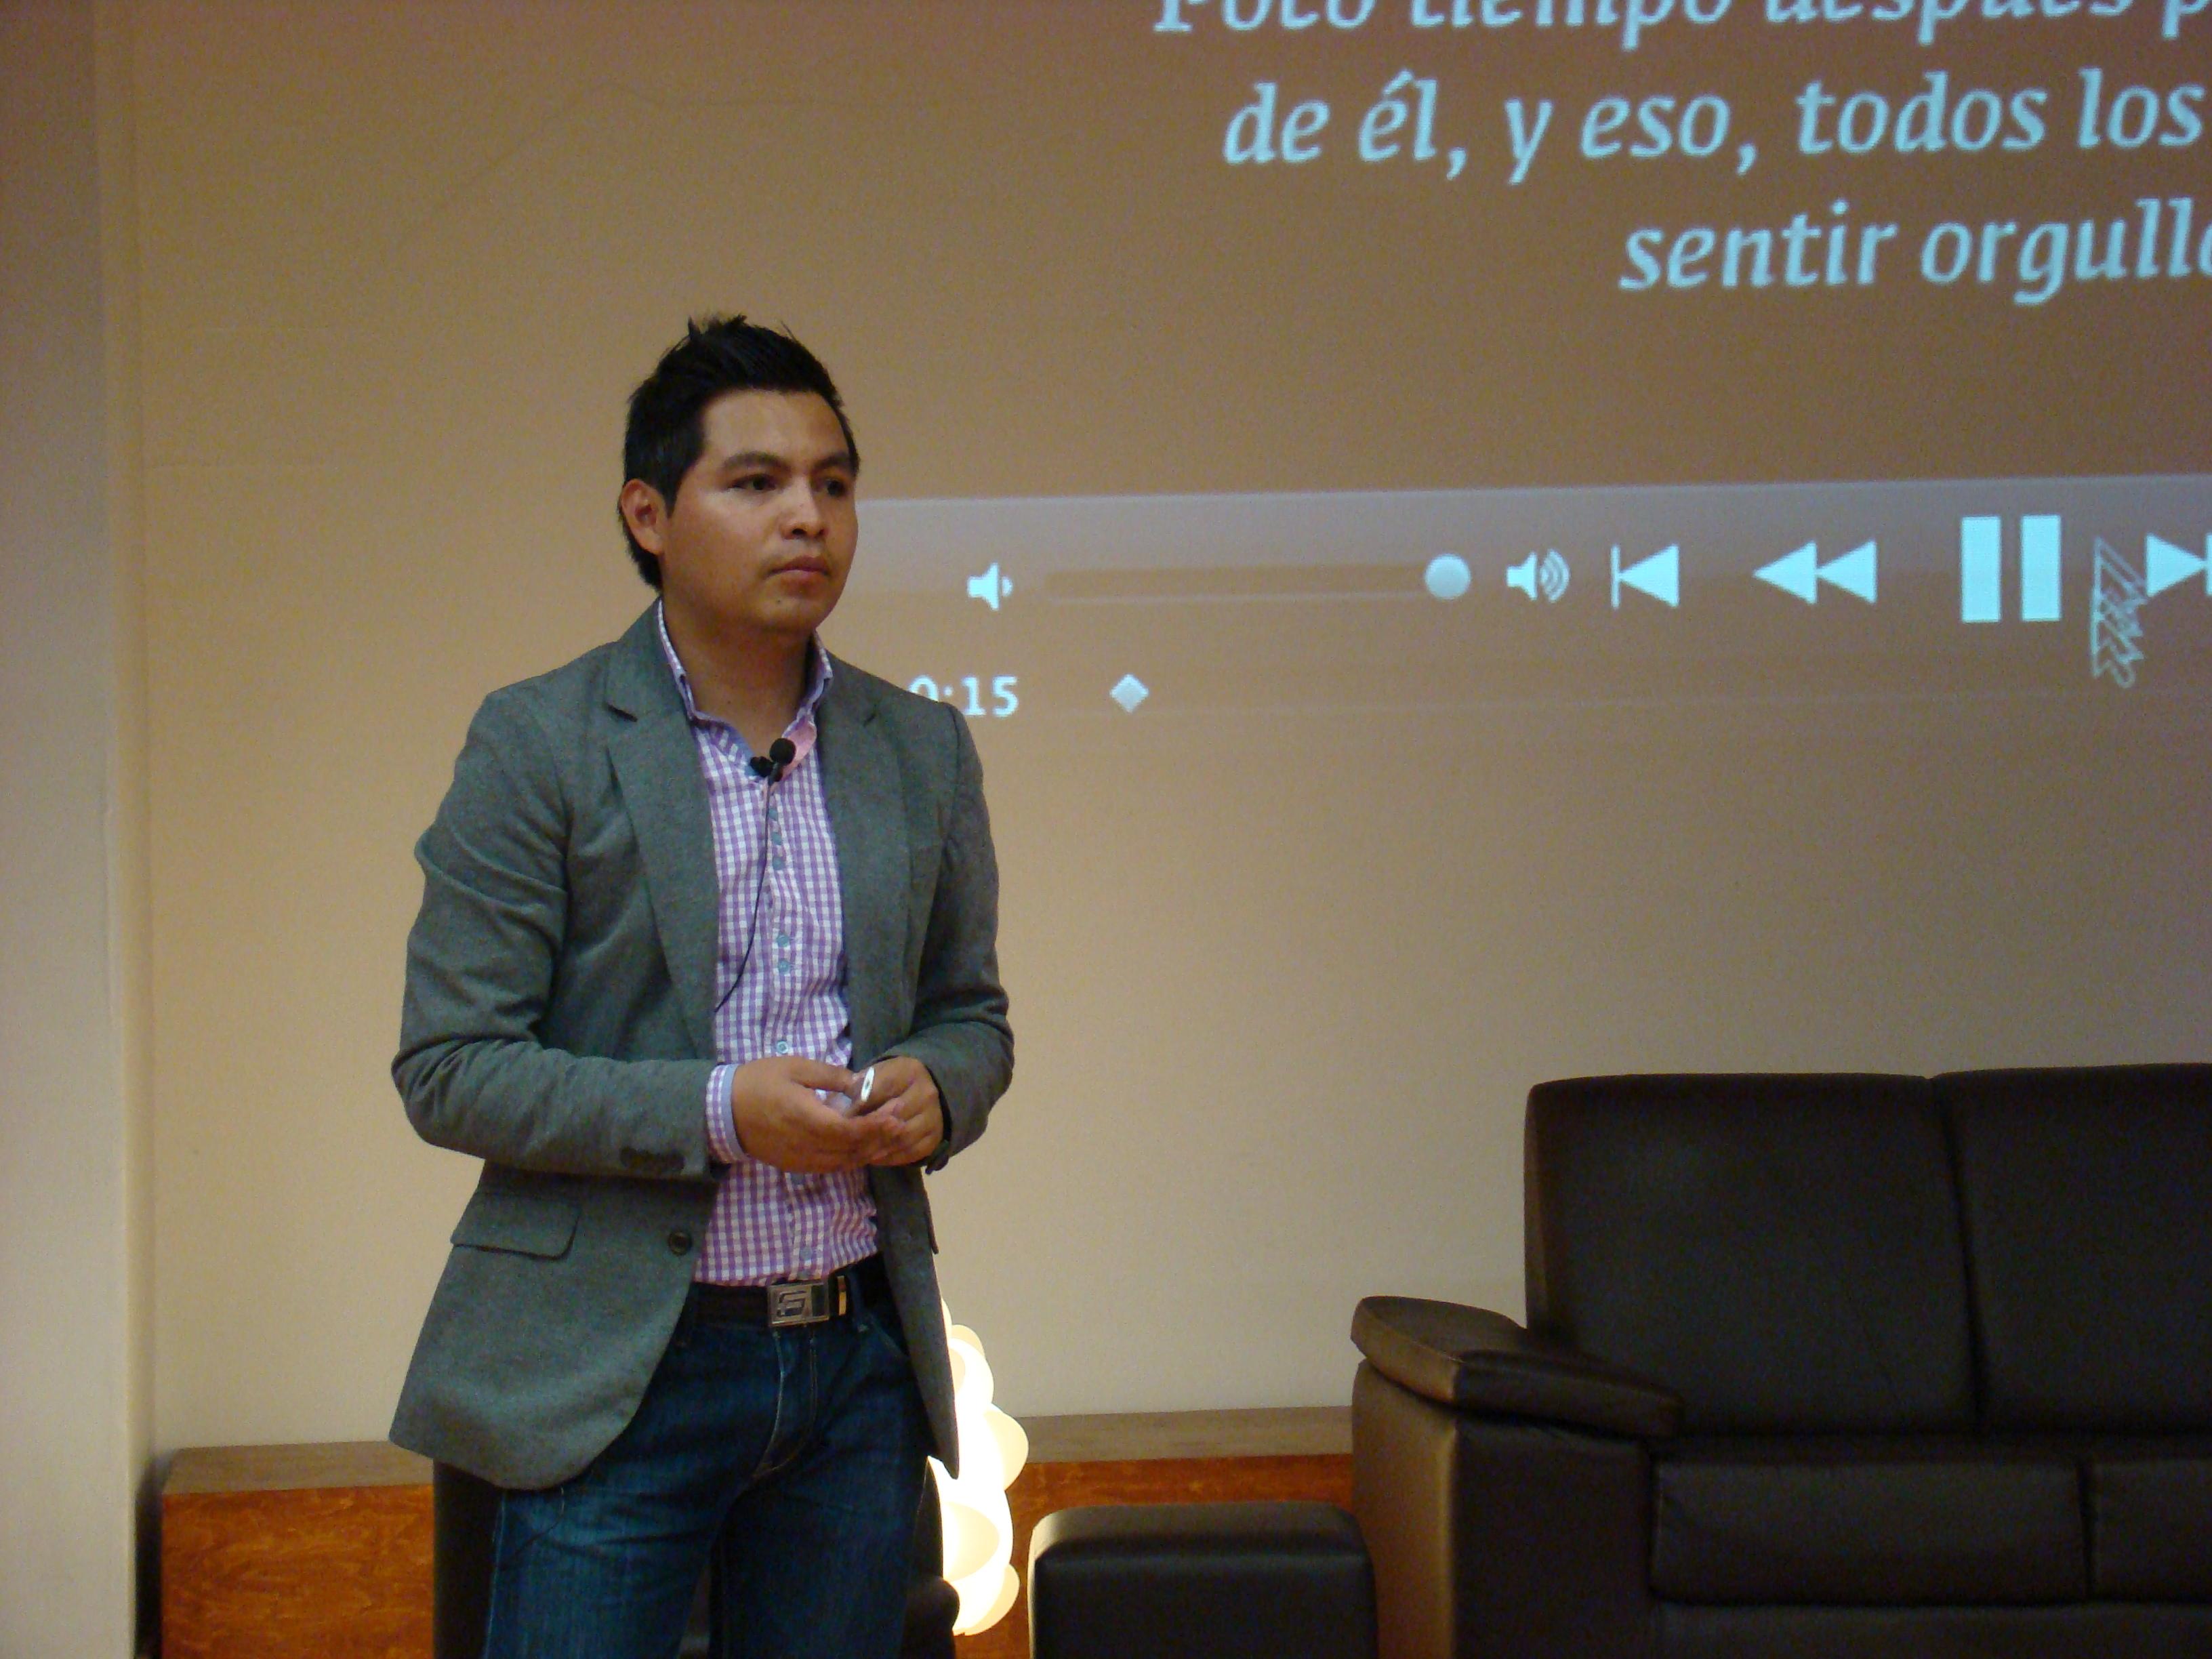 UNAM Mobile 1